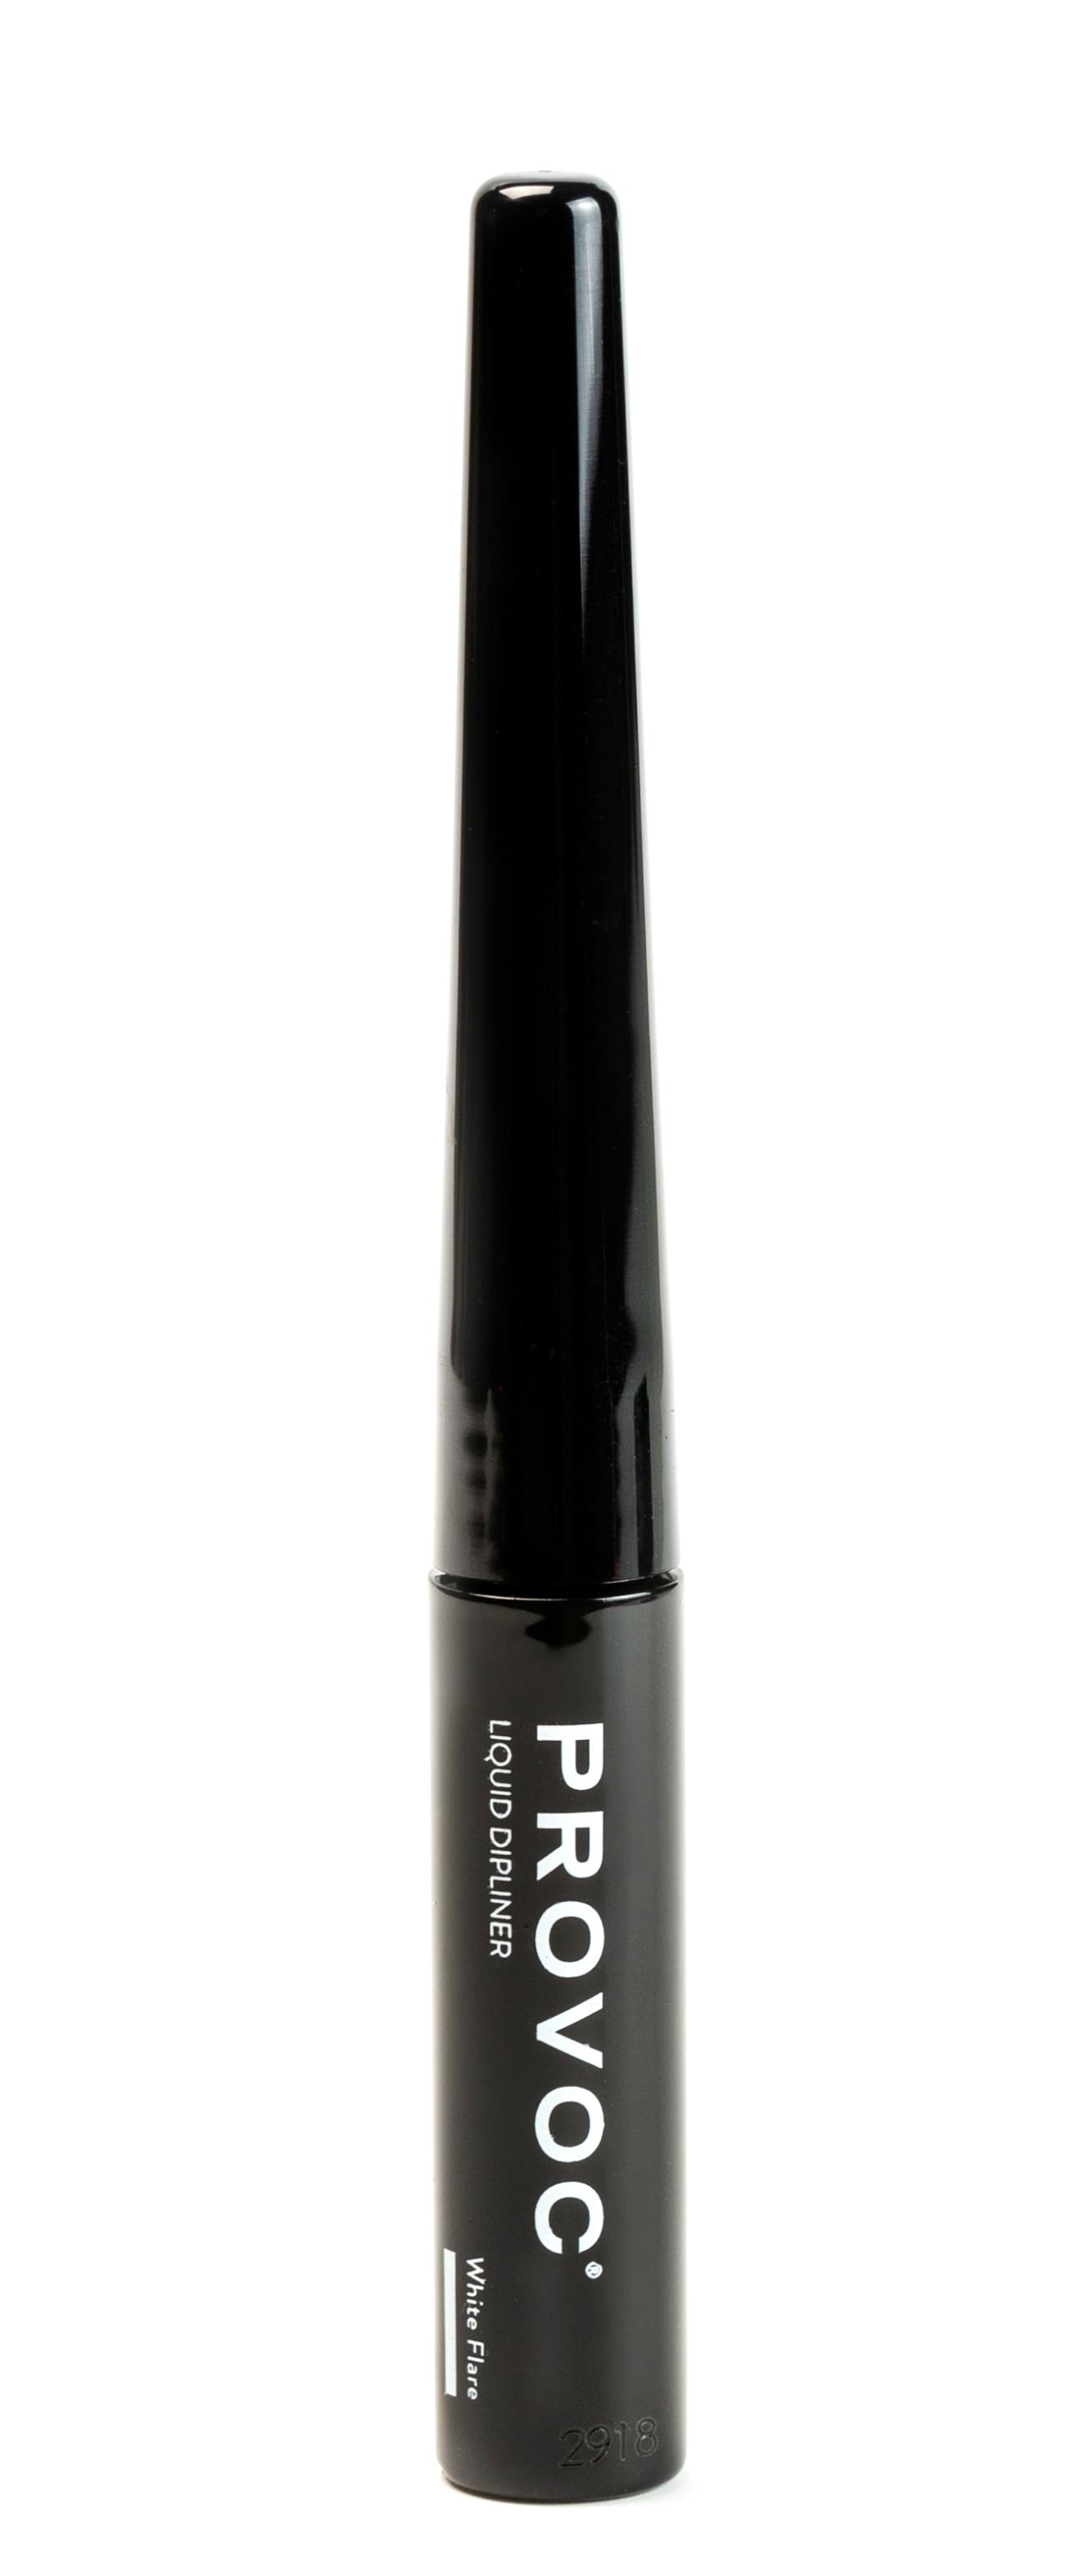 Купить PROVOC Подводка жидкая суперстойкая для глаз, белый / Liquid Dipliner White Flare 3, 3 мл